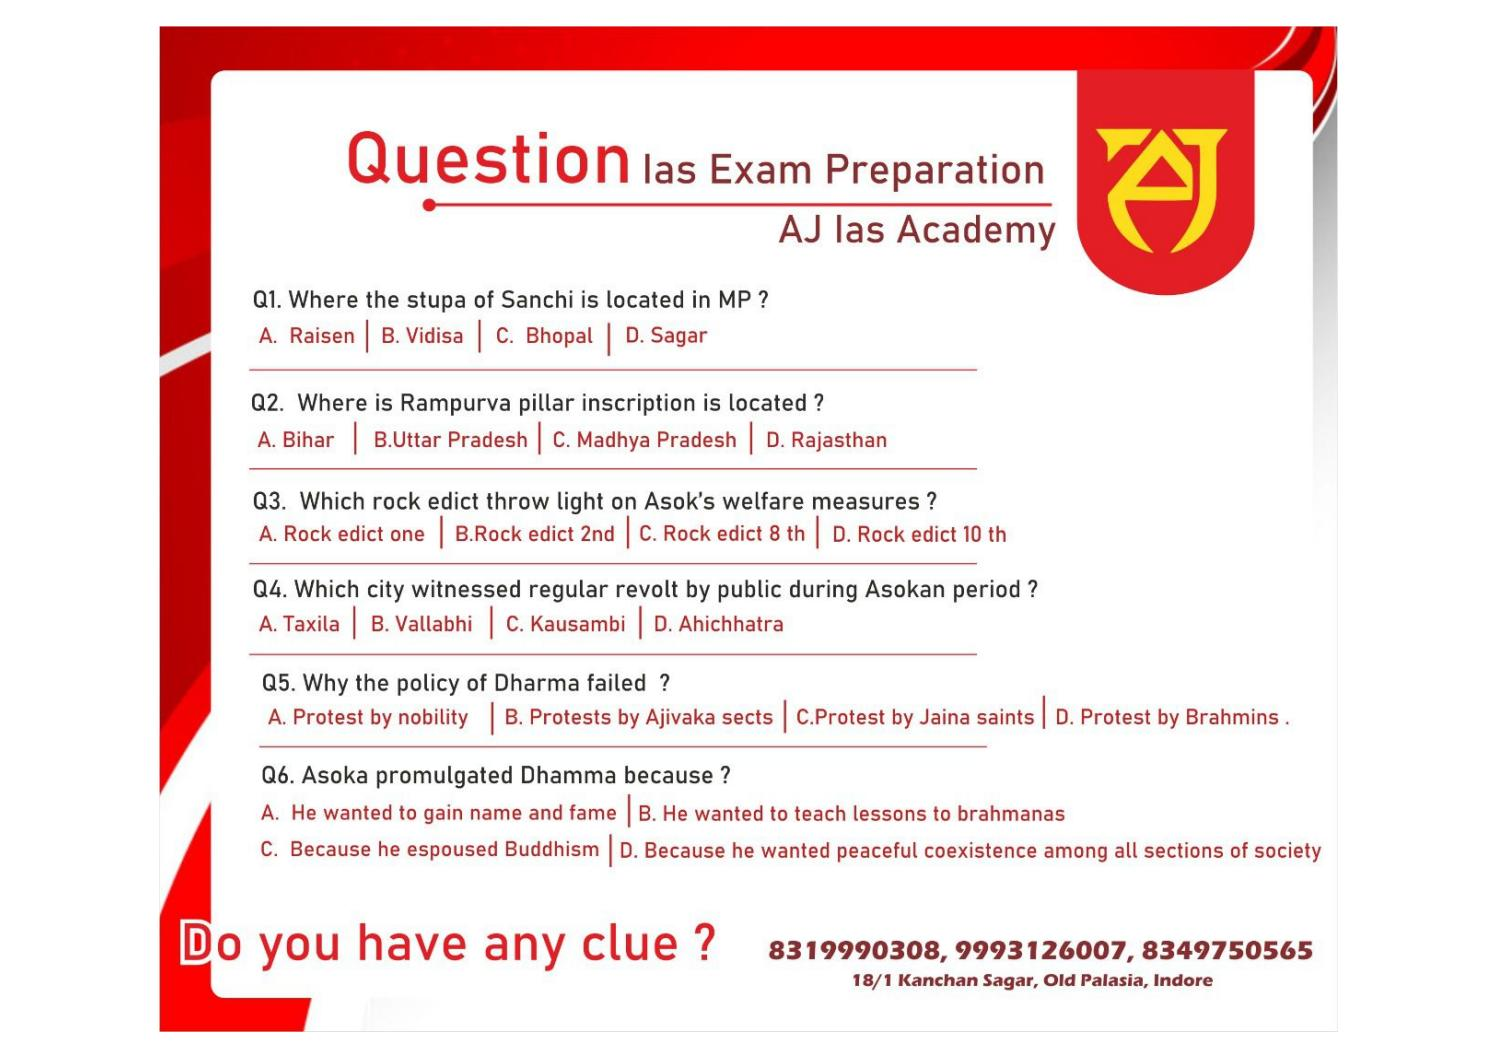 Questions of Ias exam preparation by Aj IAS Academy   issuu